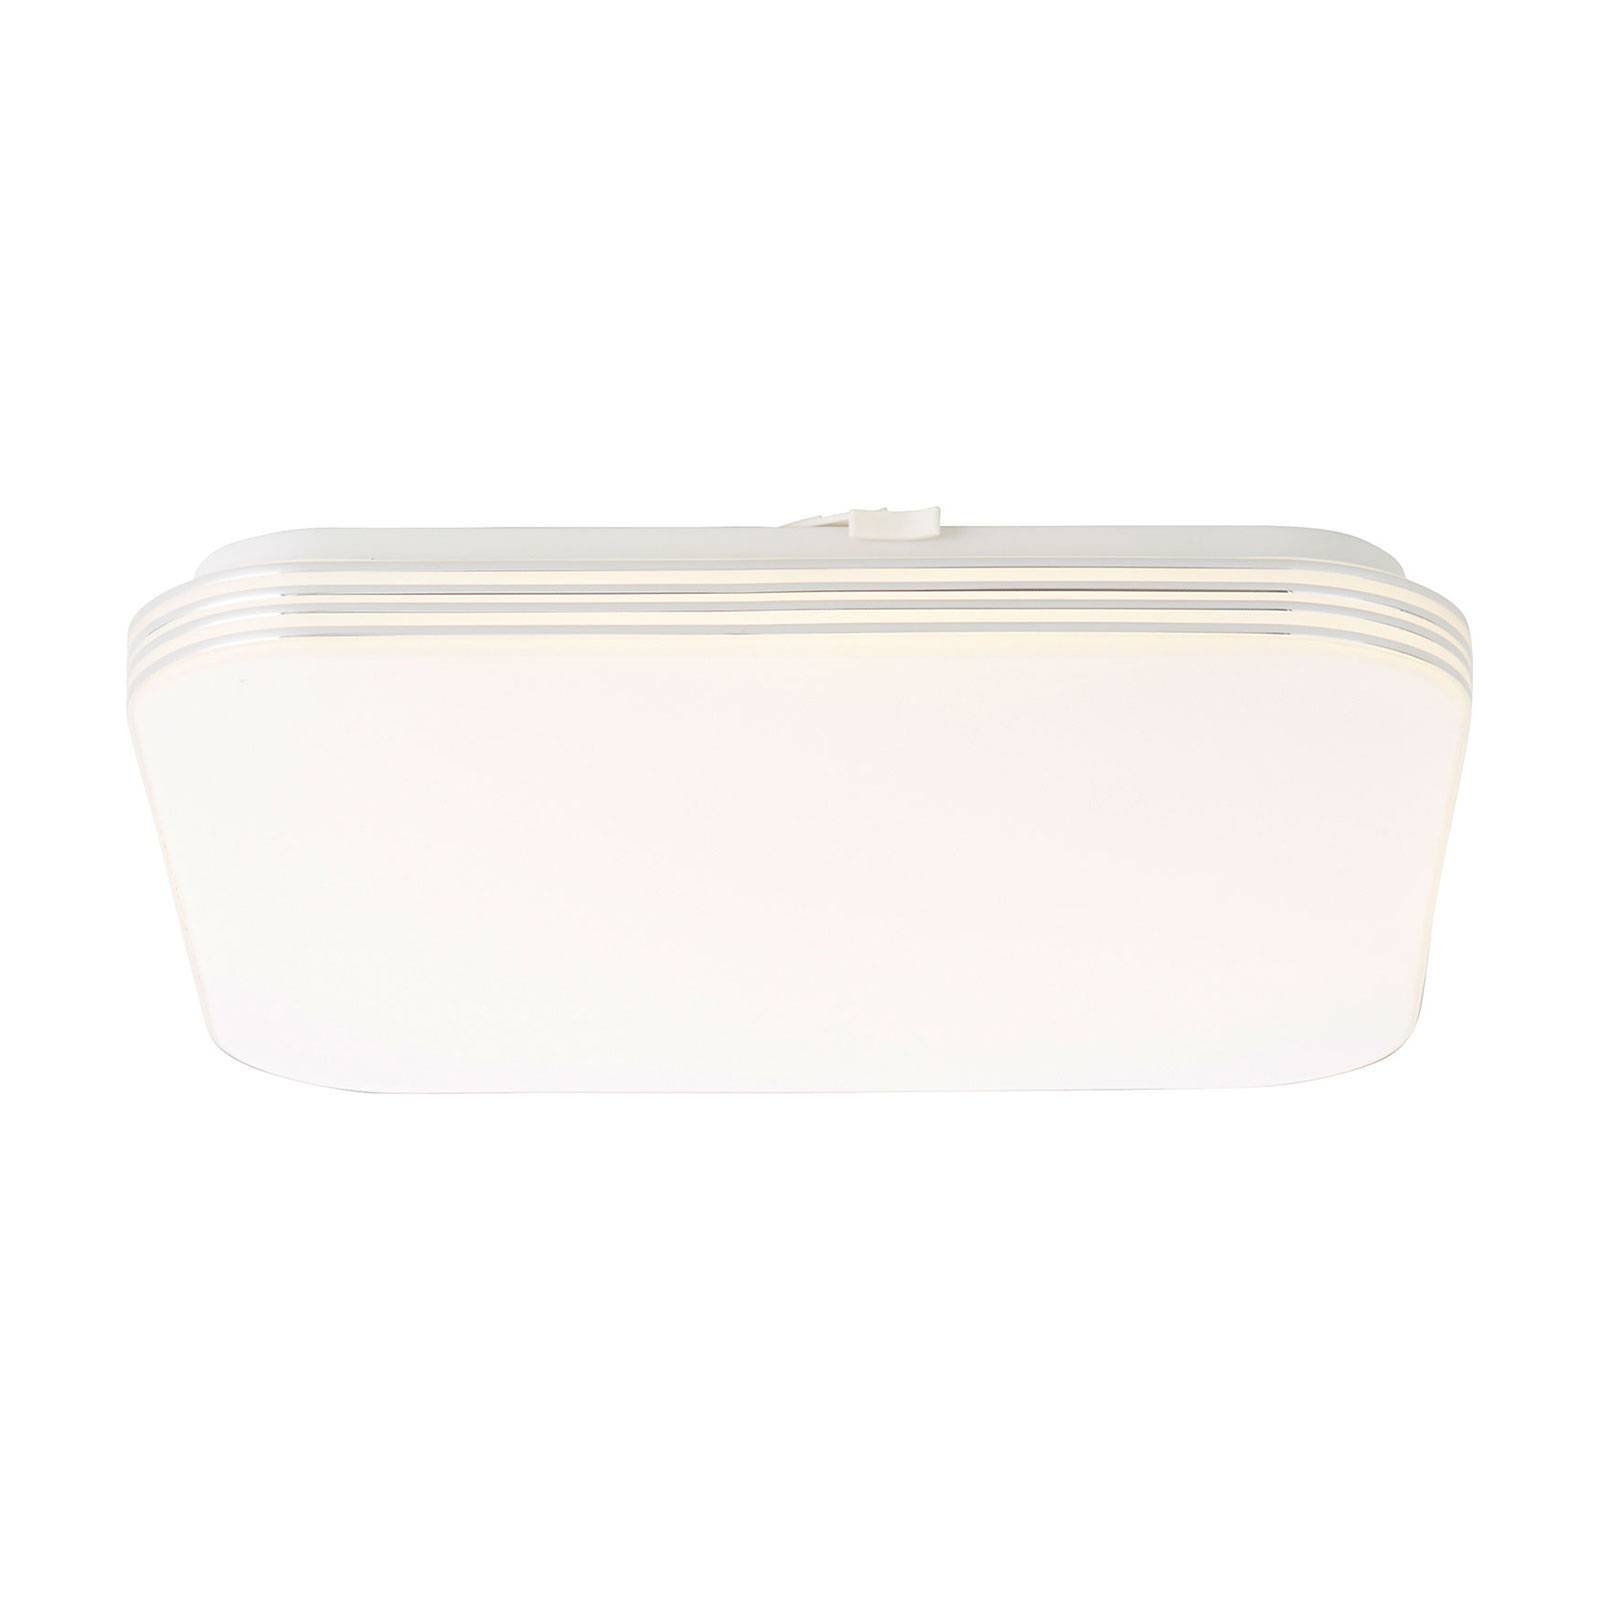 LED-taklampe Ariella hvit/krom, 34 x 34 cm